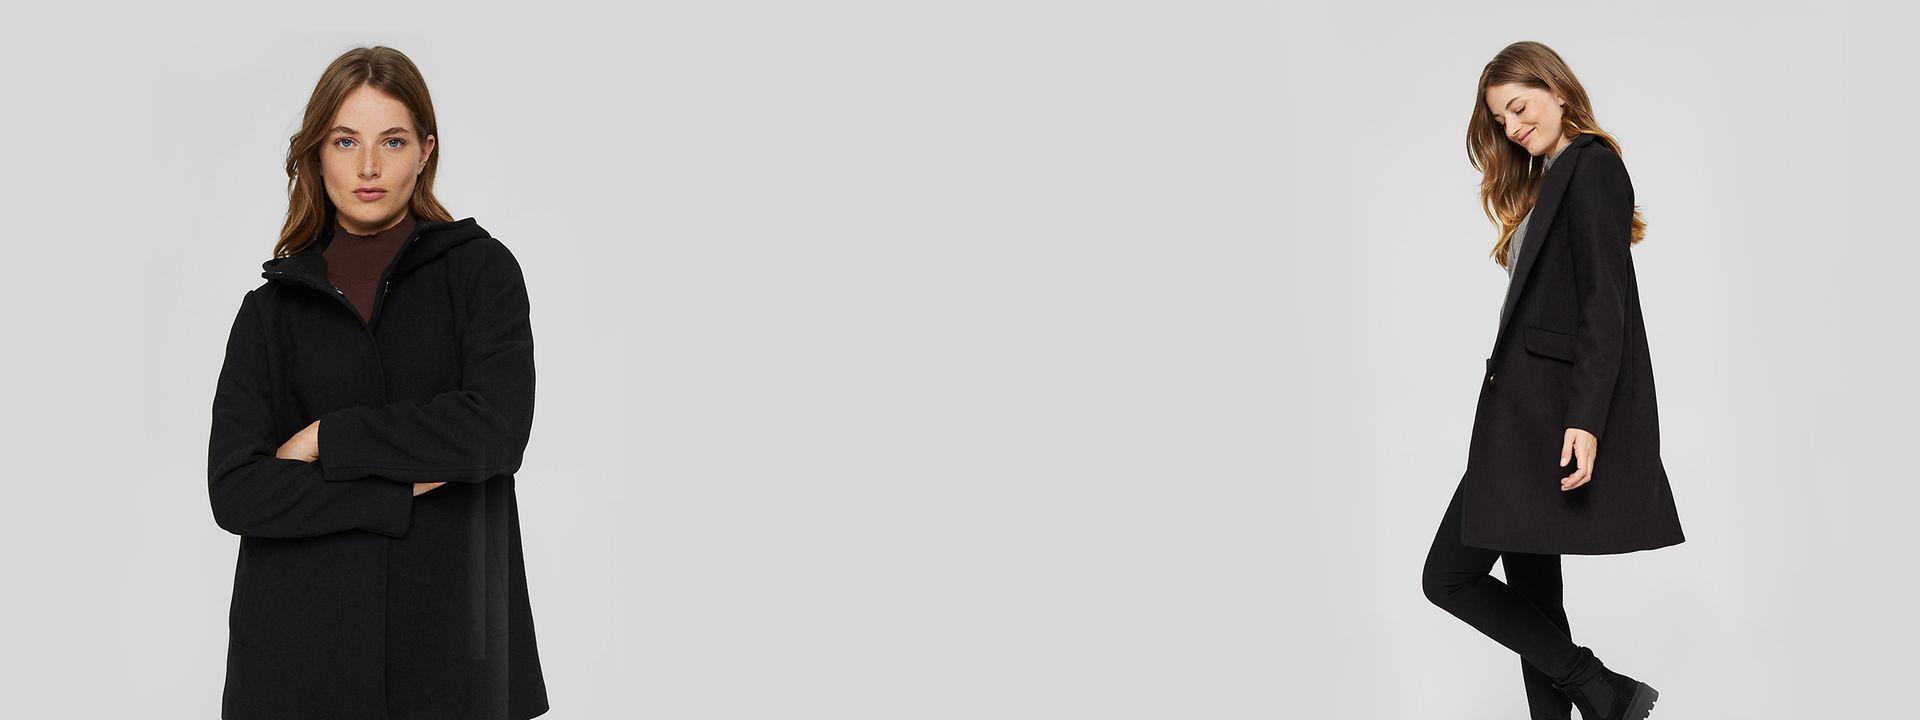 062021 - women - startpage - main banner - kaki - IMG